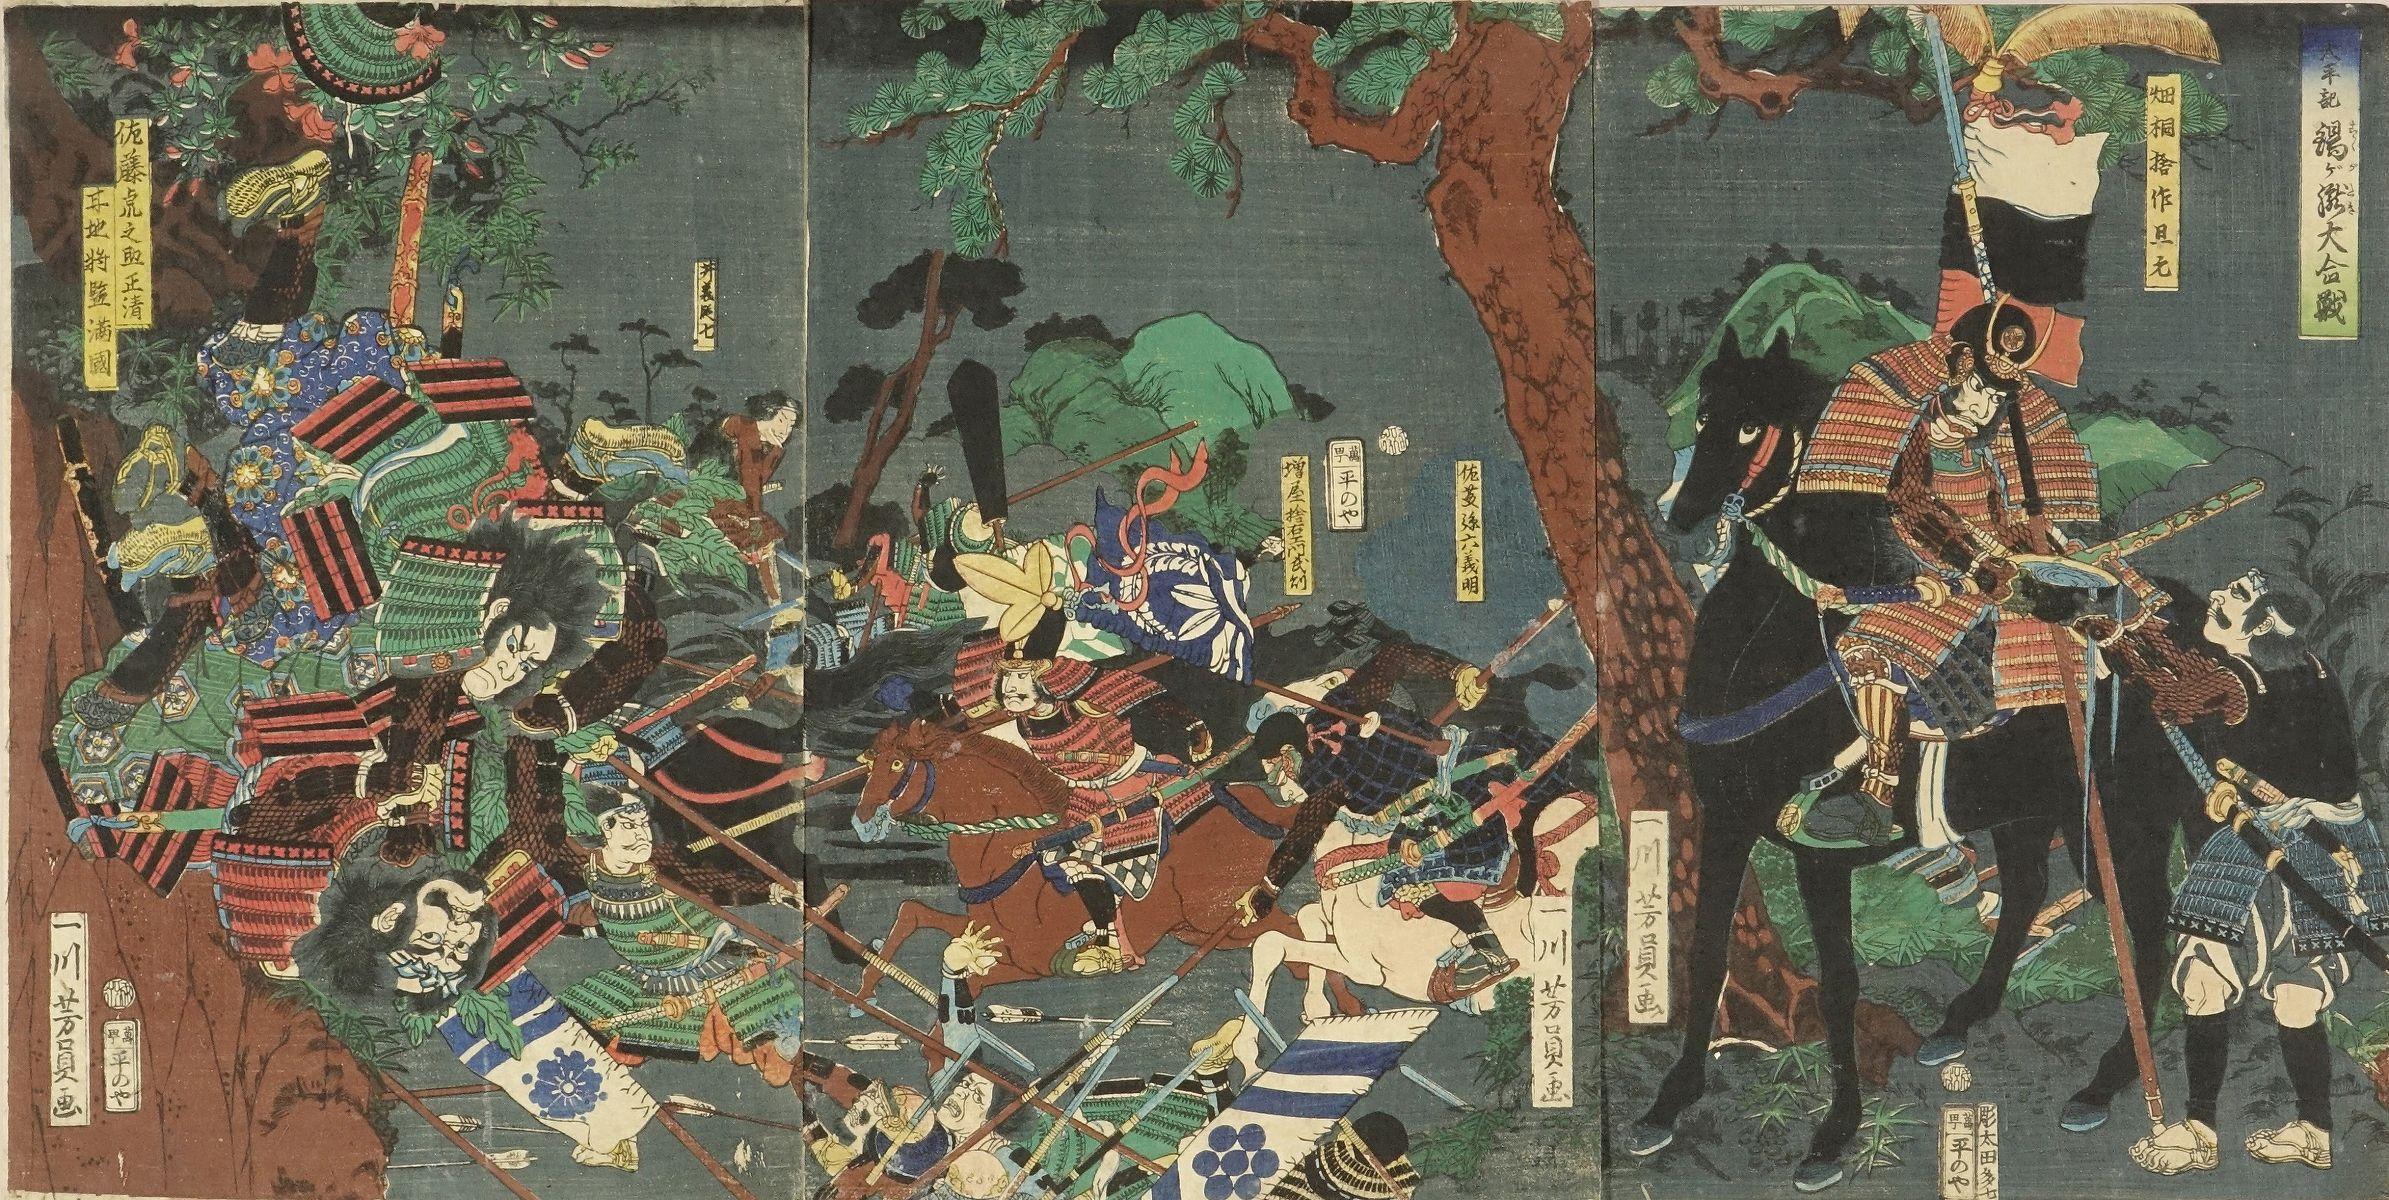 YOSHIKAZU Battle of Shizugatake, from <i>Taiheiki</i> (Tale of grand pacification), triptych